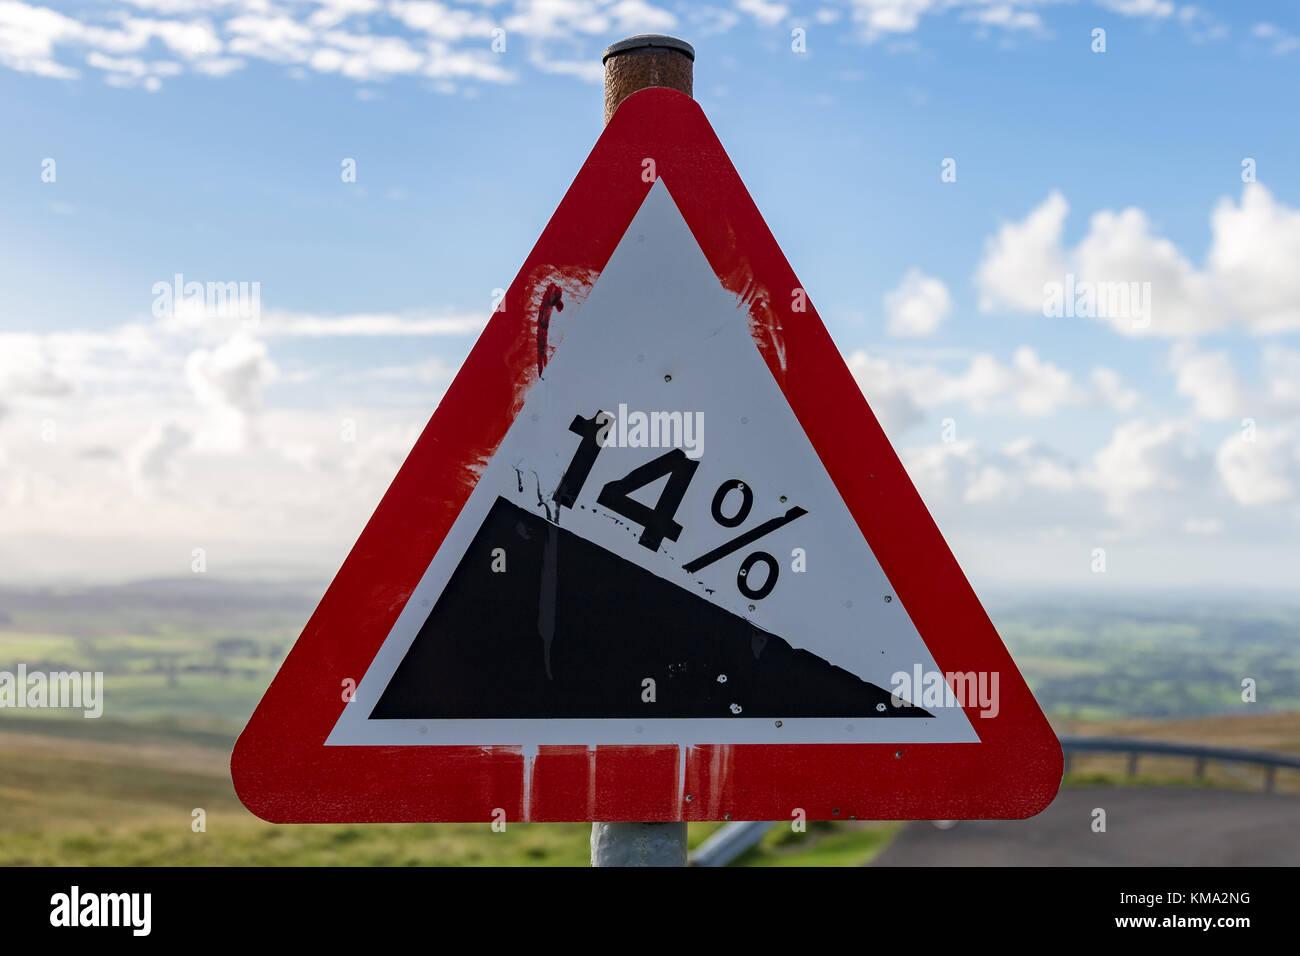 Signe: '14%' Descente, vu sur la B6270, à proximité de la Neuf normes Rigg, Yorkshire Dales, Cumbria, Royaume-Uni Banque D'Images